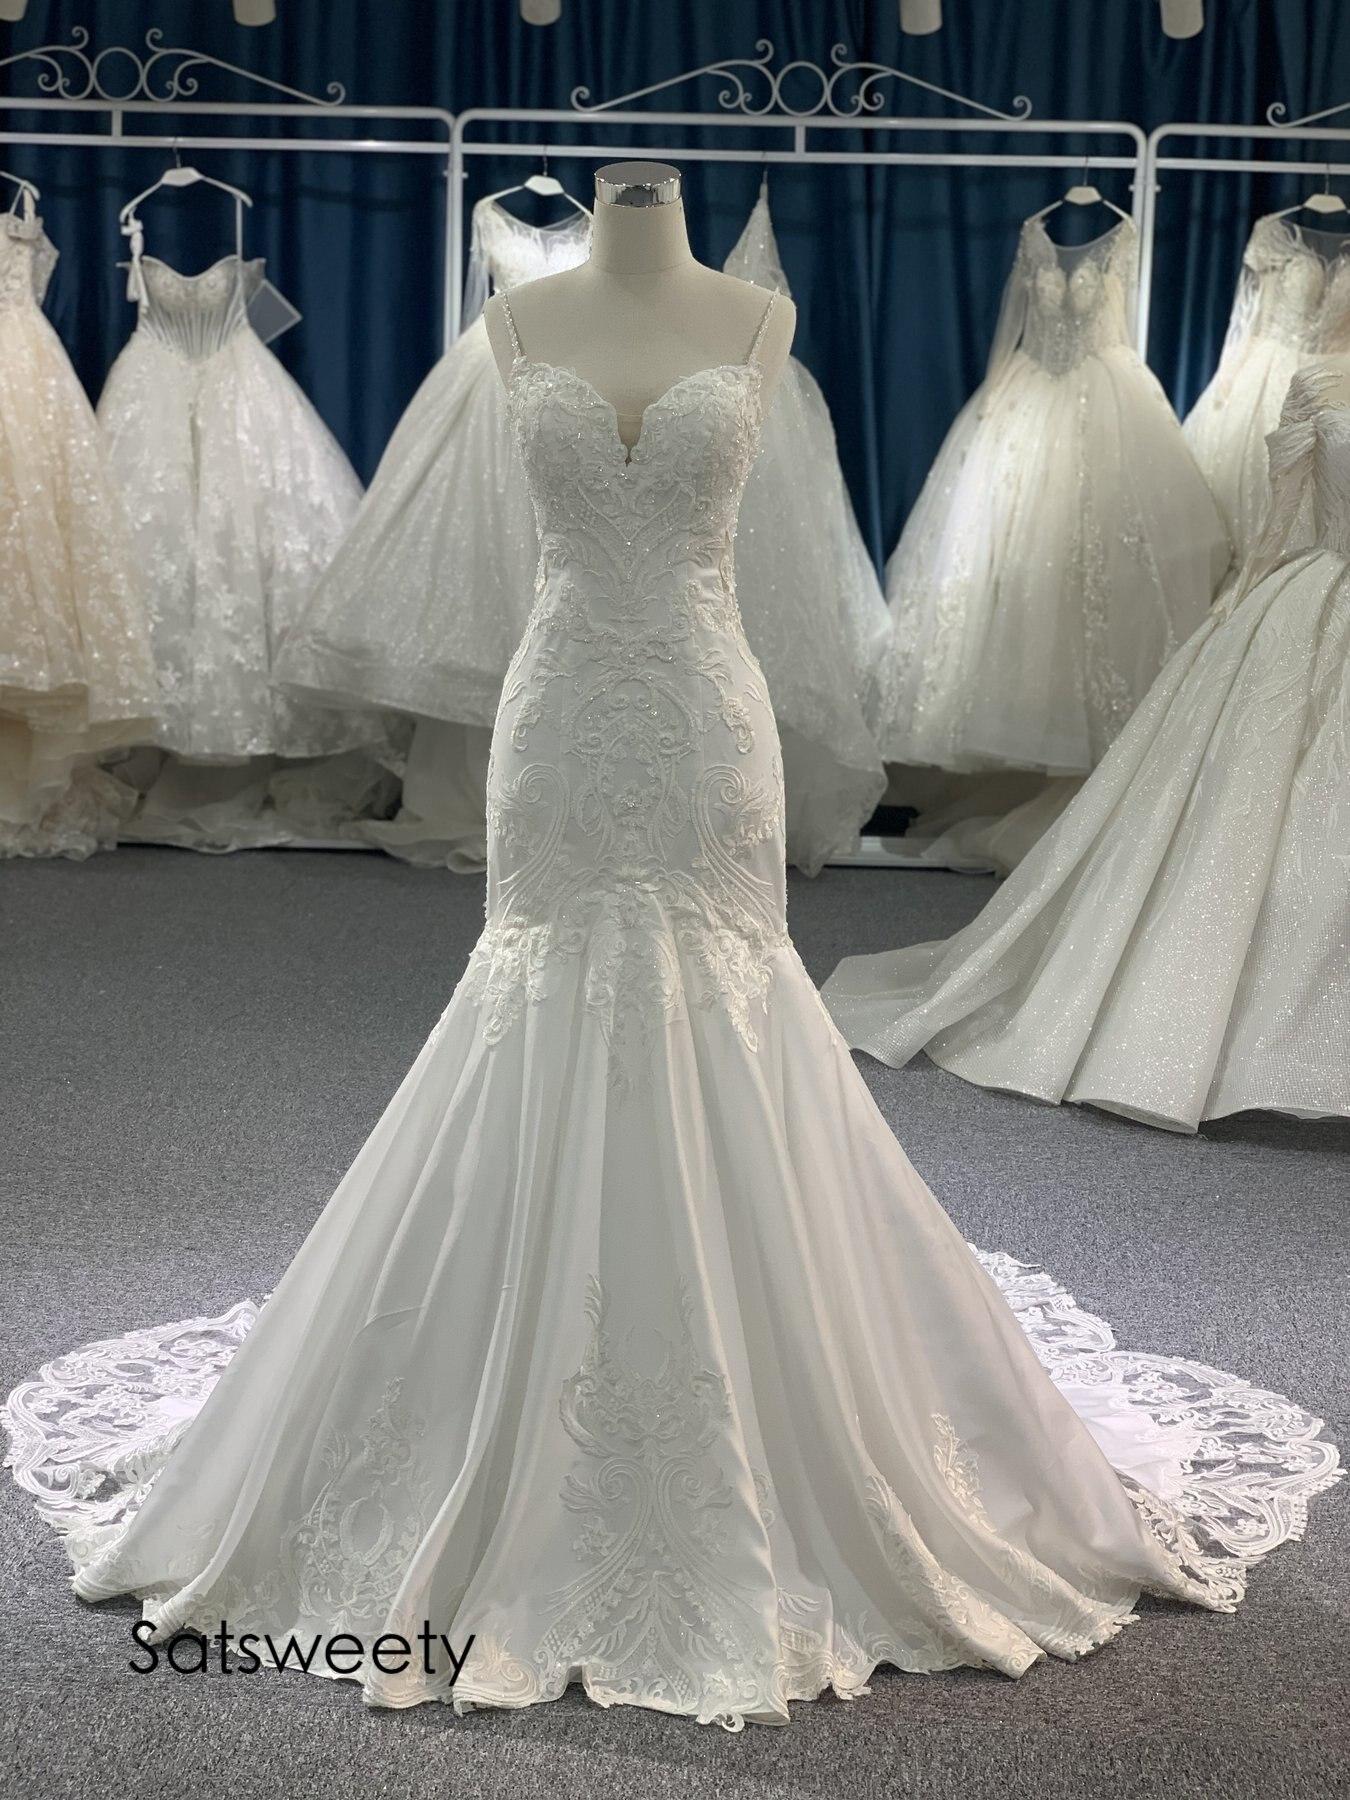 صور حقيقية يتوهم الدانتيل ذيل فستان الزفاف 2021 مطرز حورية البحر فساتين زفاف مخصصة Vestido de Noivas